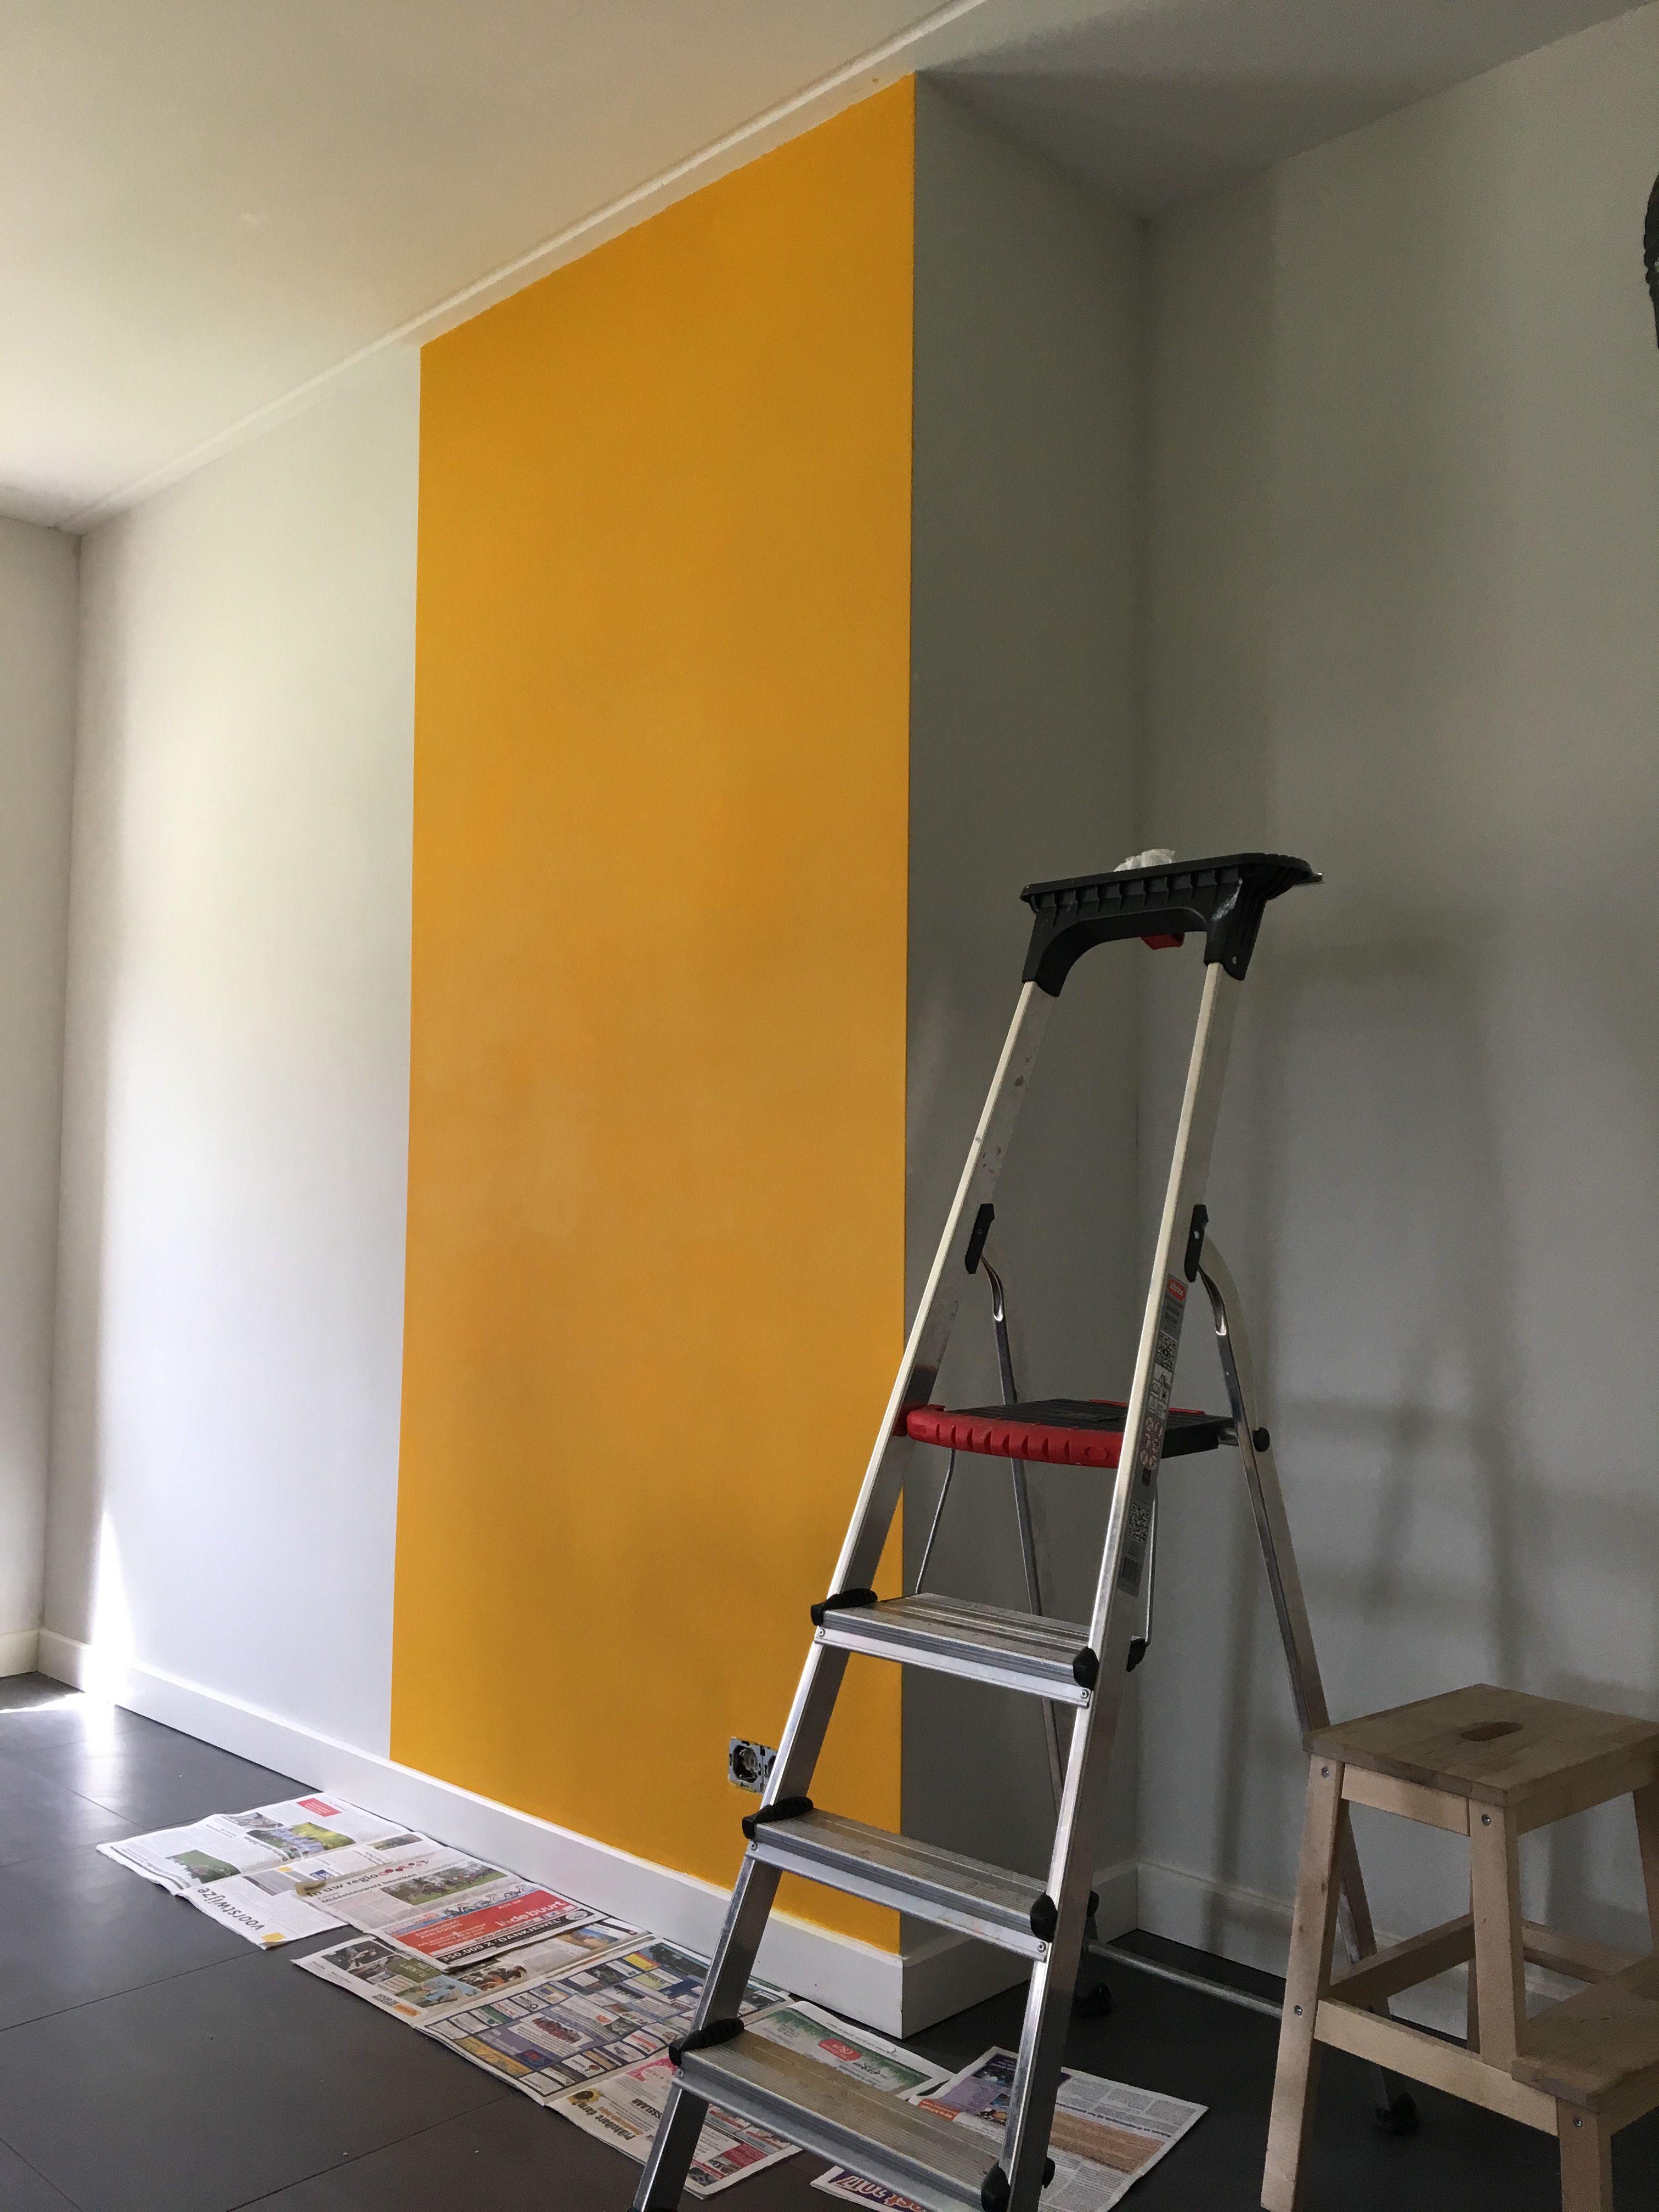 Mijn Gele Muur In Wording #Okergeel #Histor #Goud #1573 Y10R